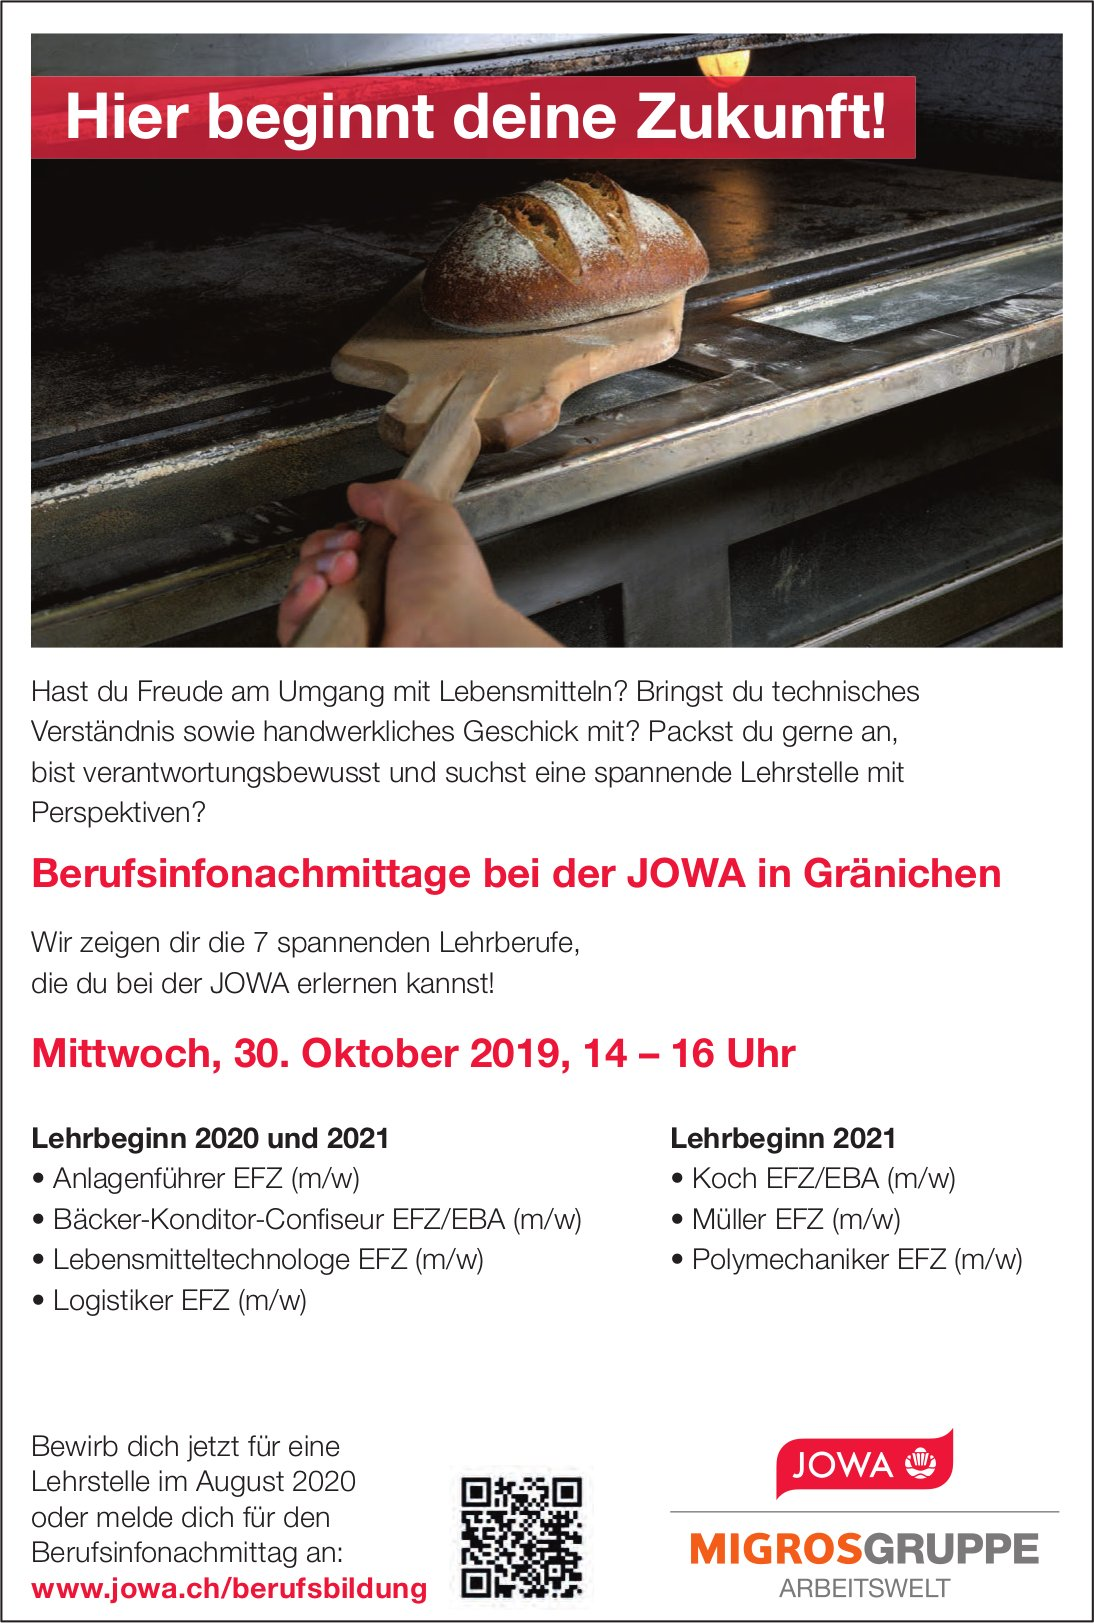 Berufsinfonachmittage, 30. Oktober, bei der JOWA in Gränichen